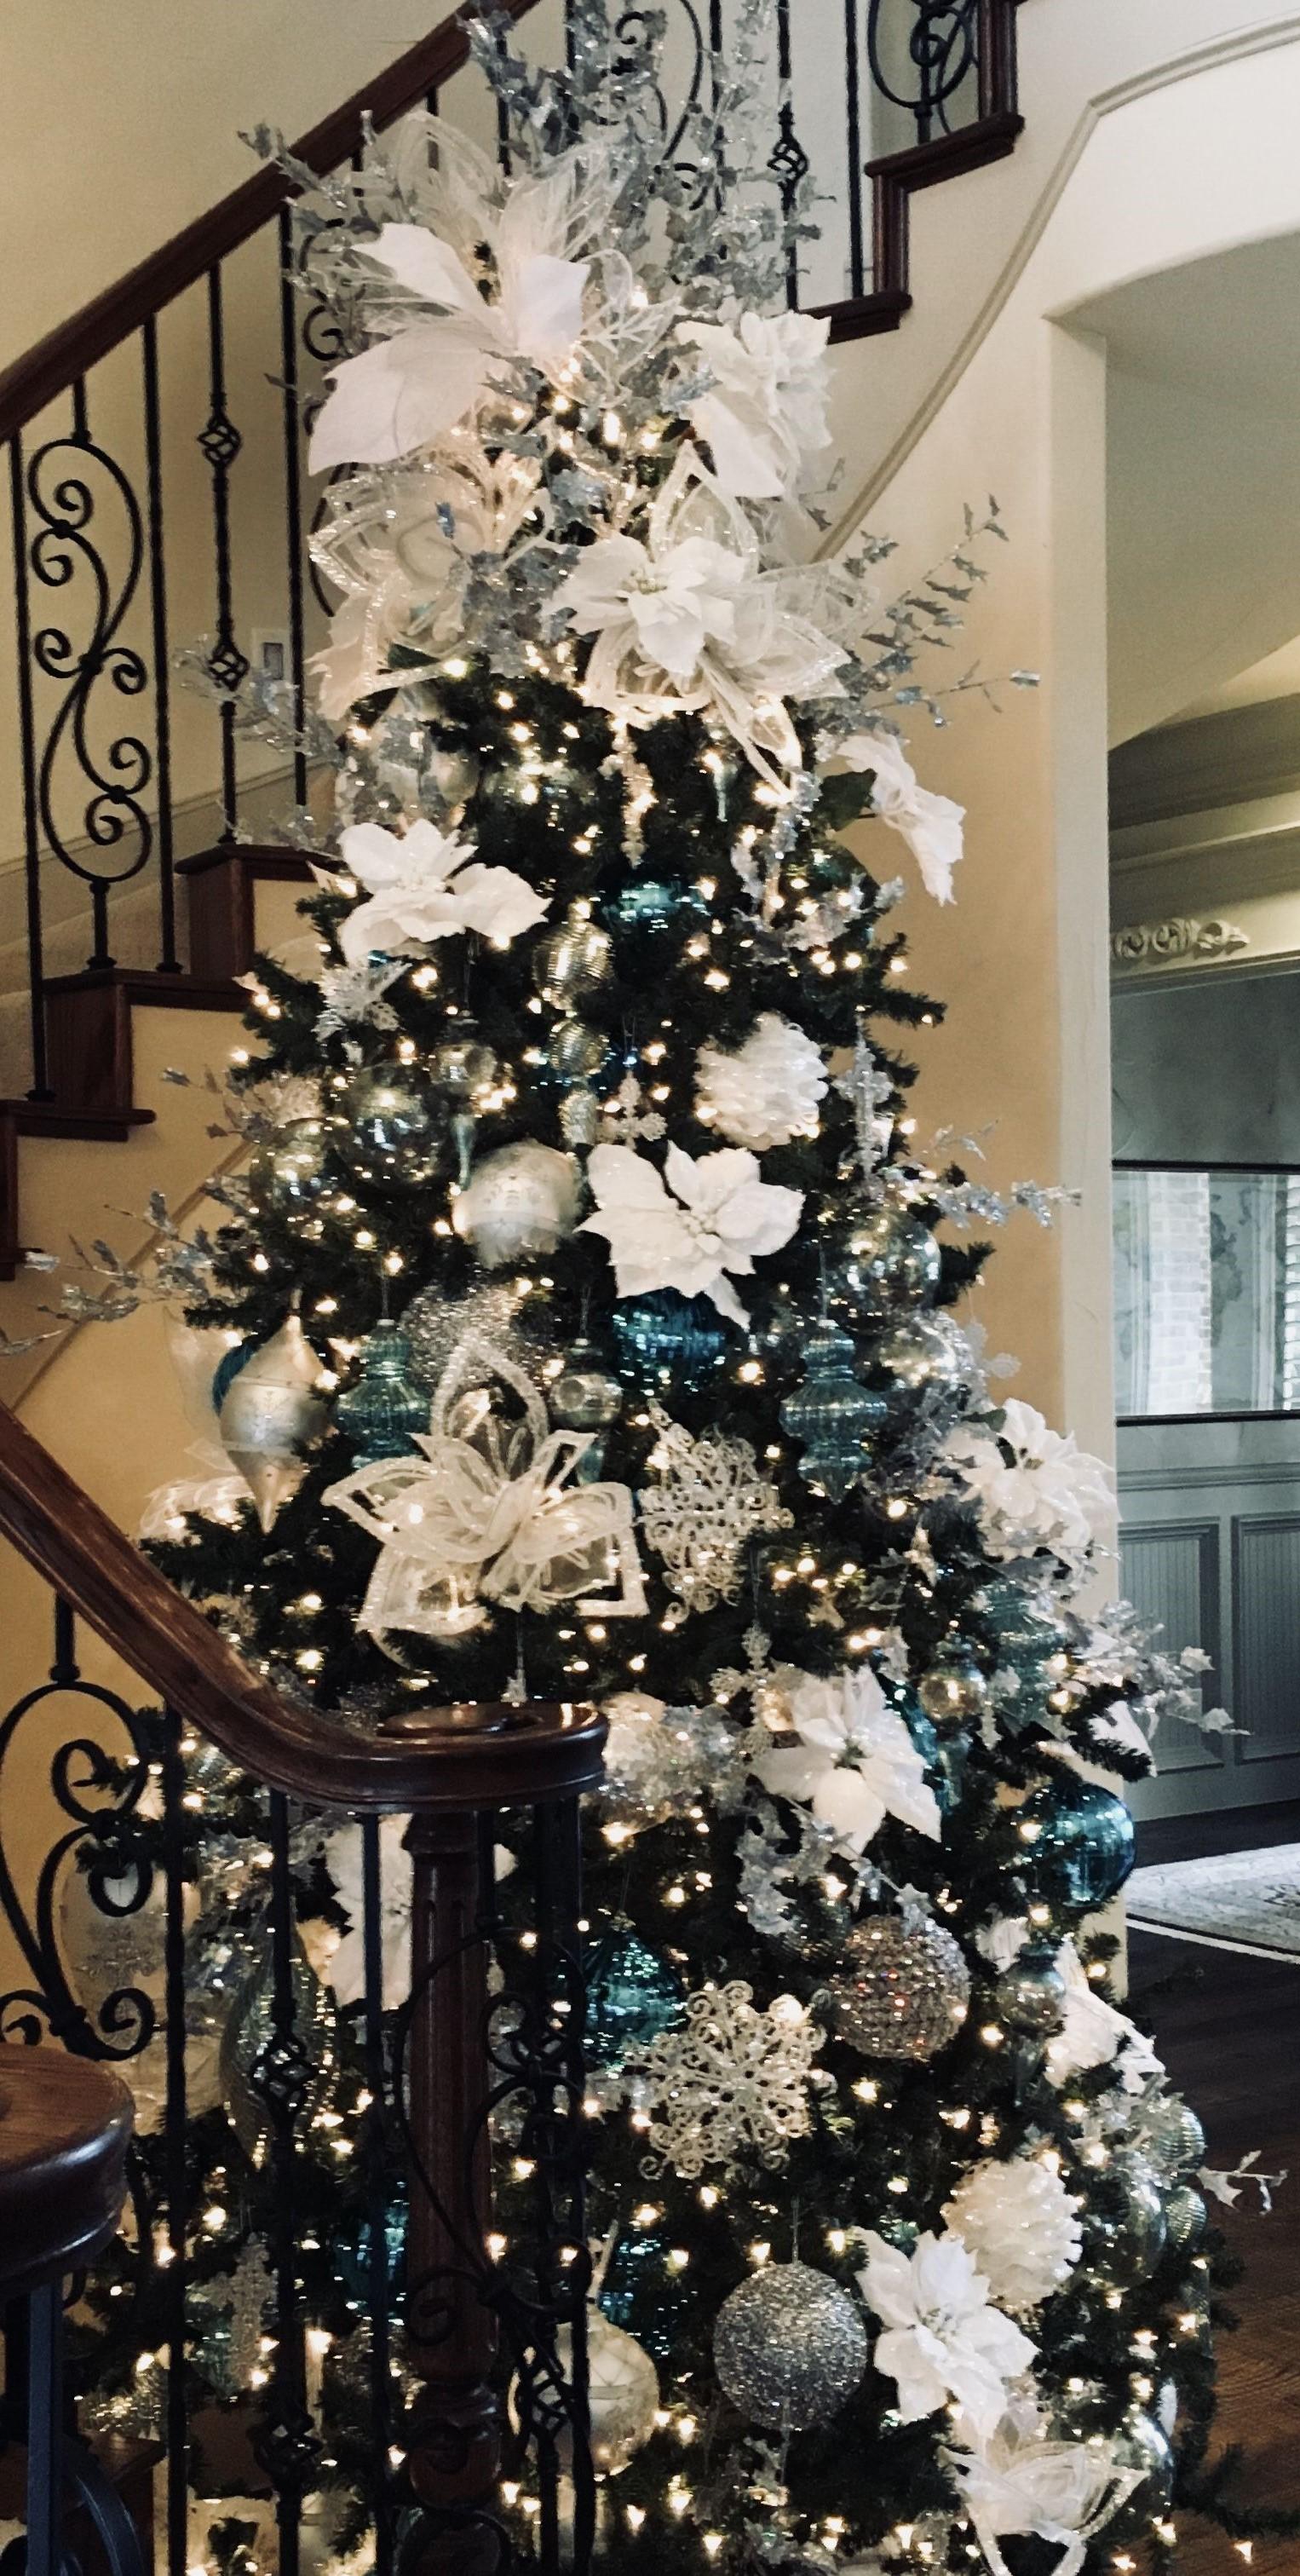 Les détails bleus peuvent être très délicats et simples, comme dans la décoration de cet arbre.